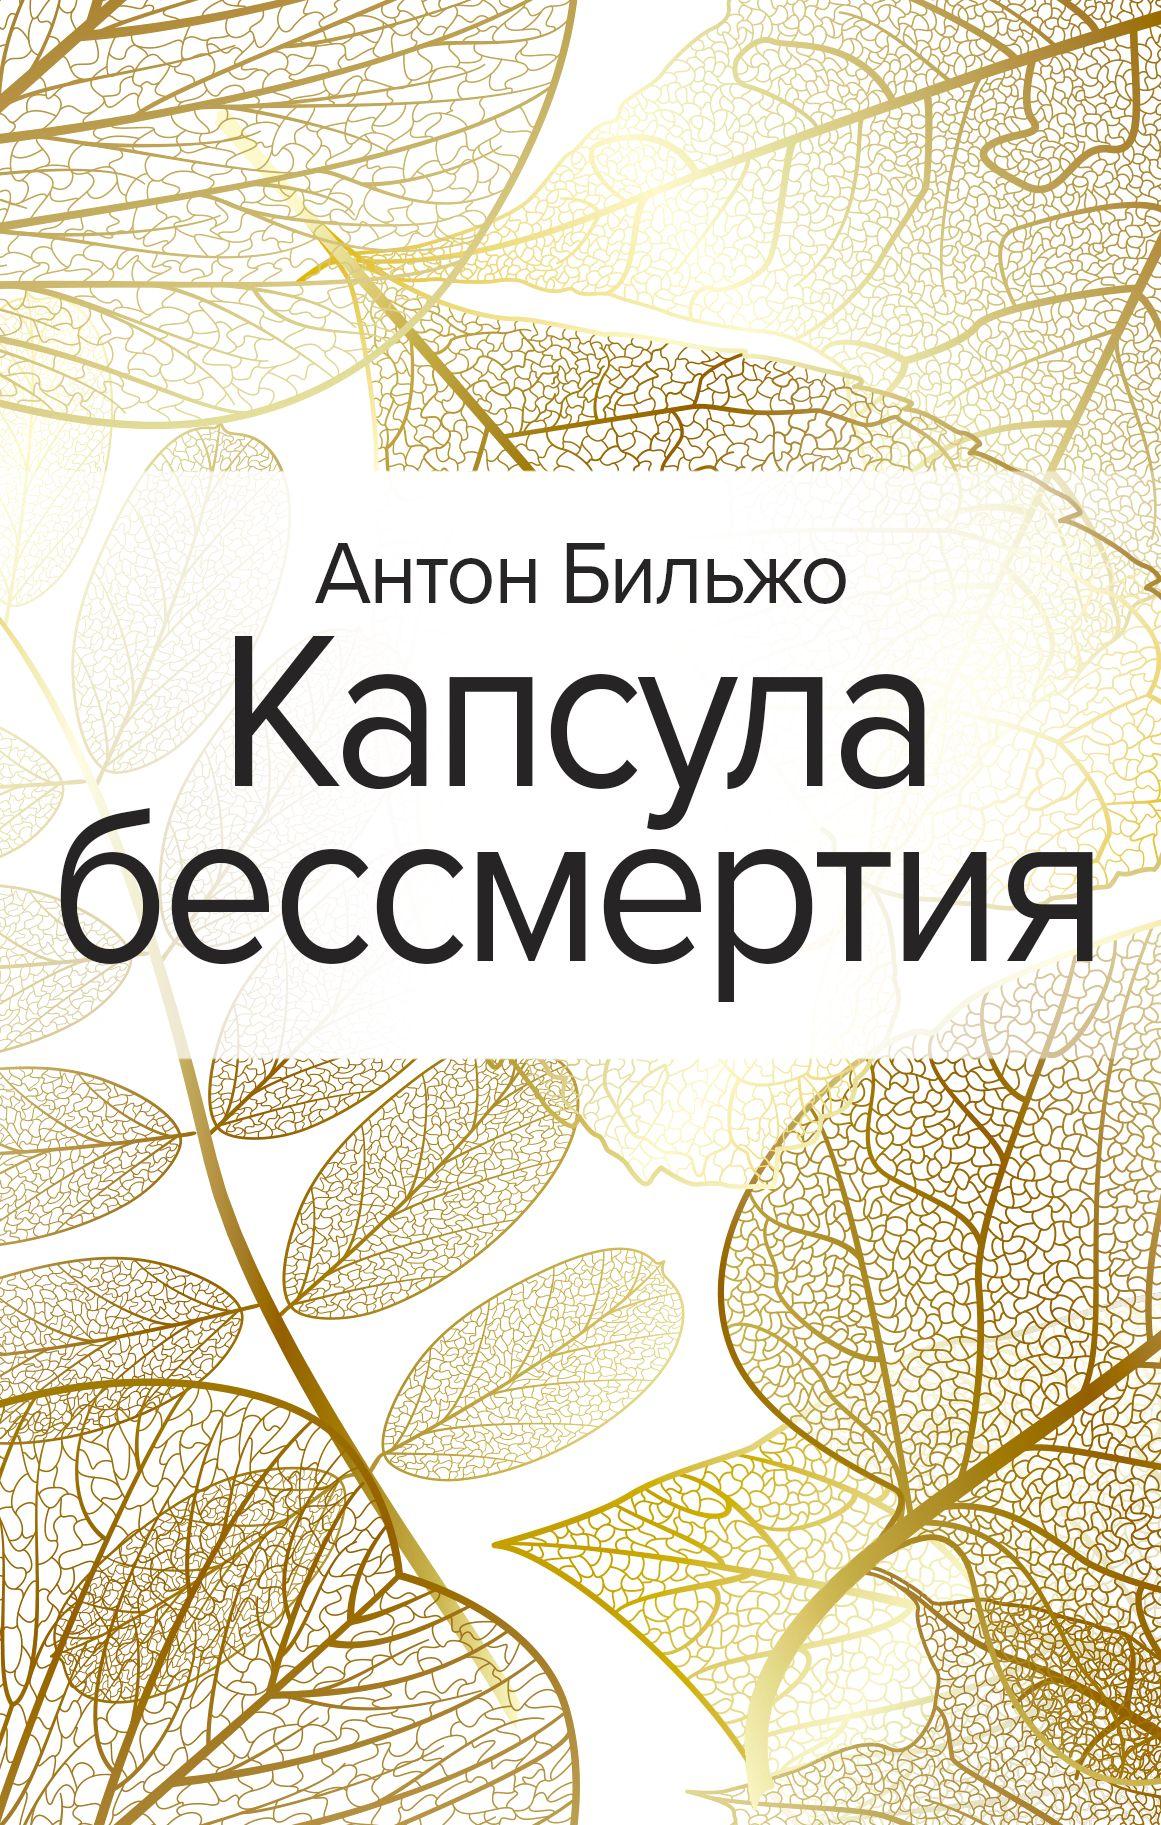 Антон Бильжо Капсула для копирайтера книги эксмо тайна пиковой дамы